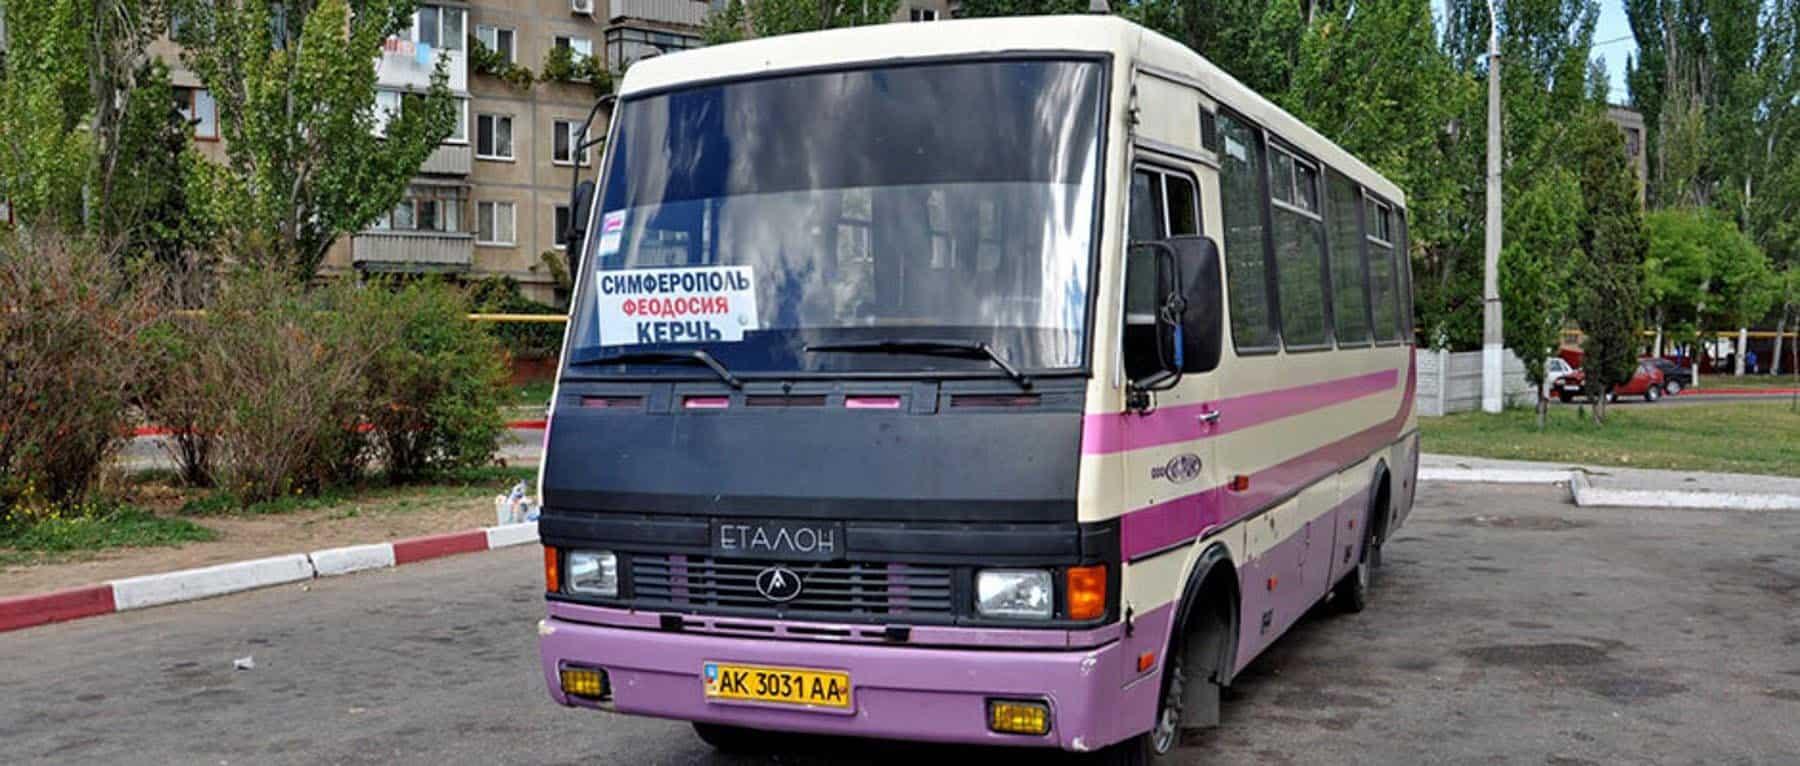 Автобус Симферополь - Керчь